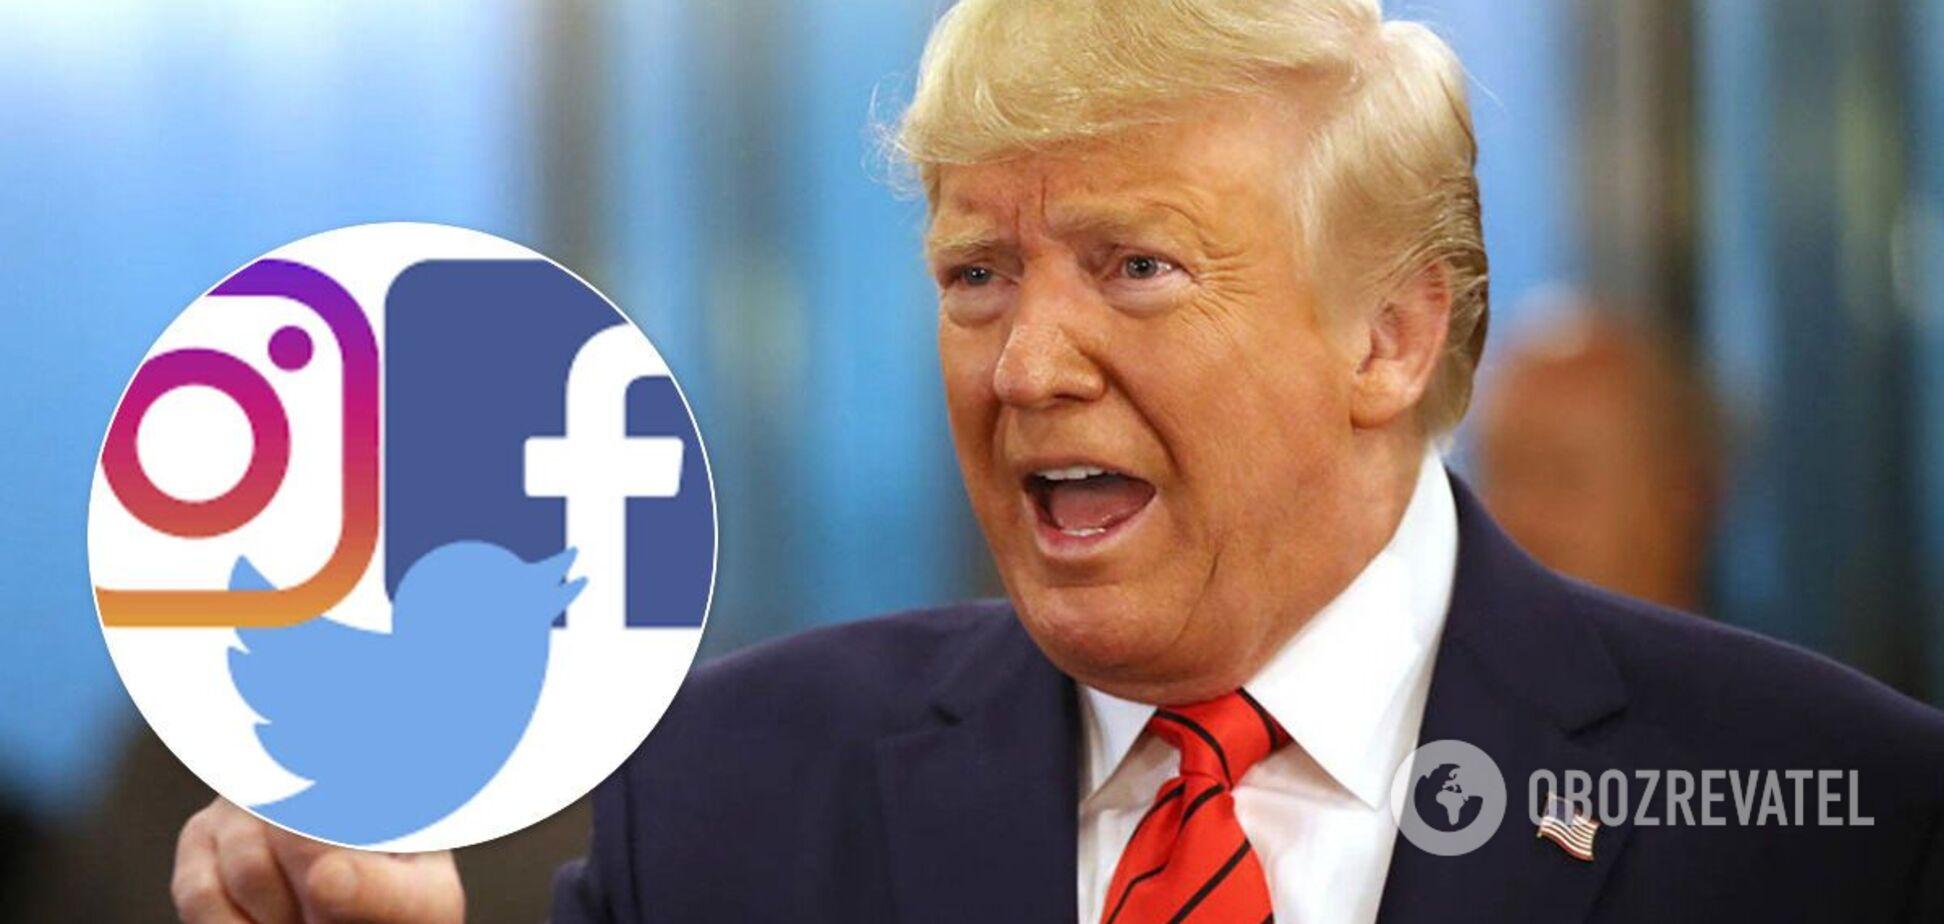 Трампа заблокировали в соцсетях: Цукерберг сделал заявление